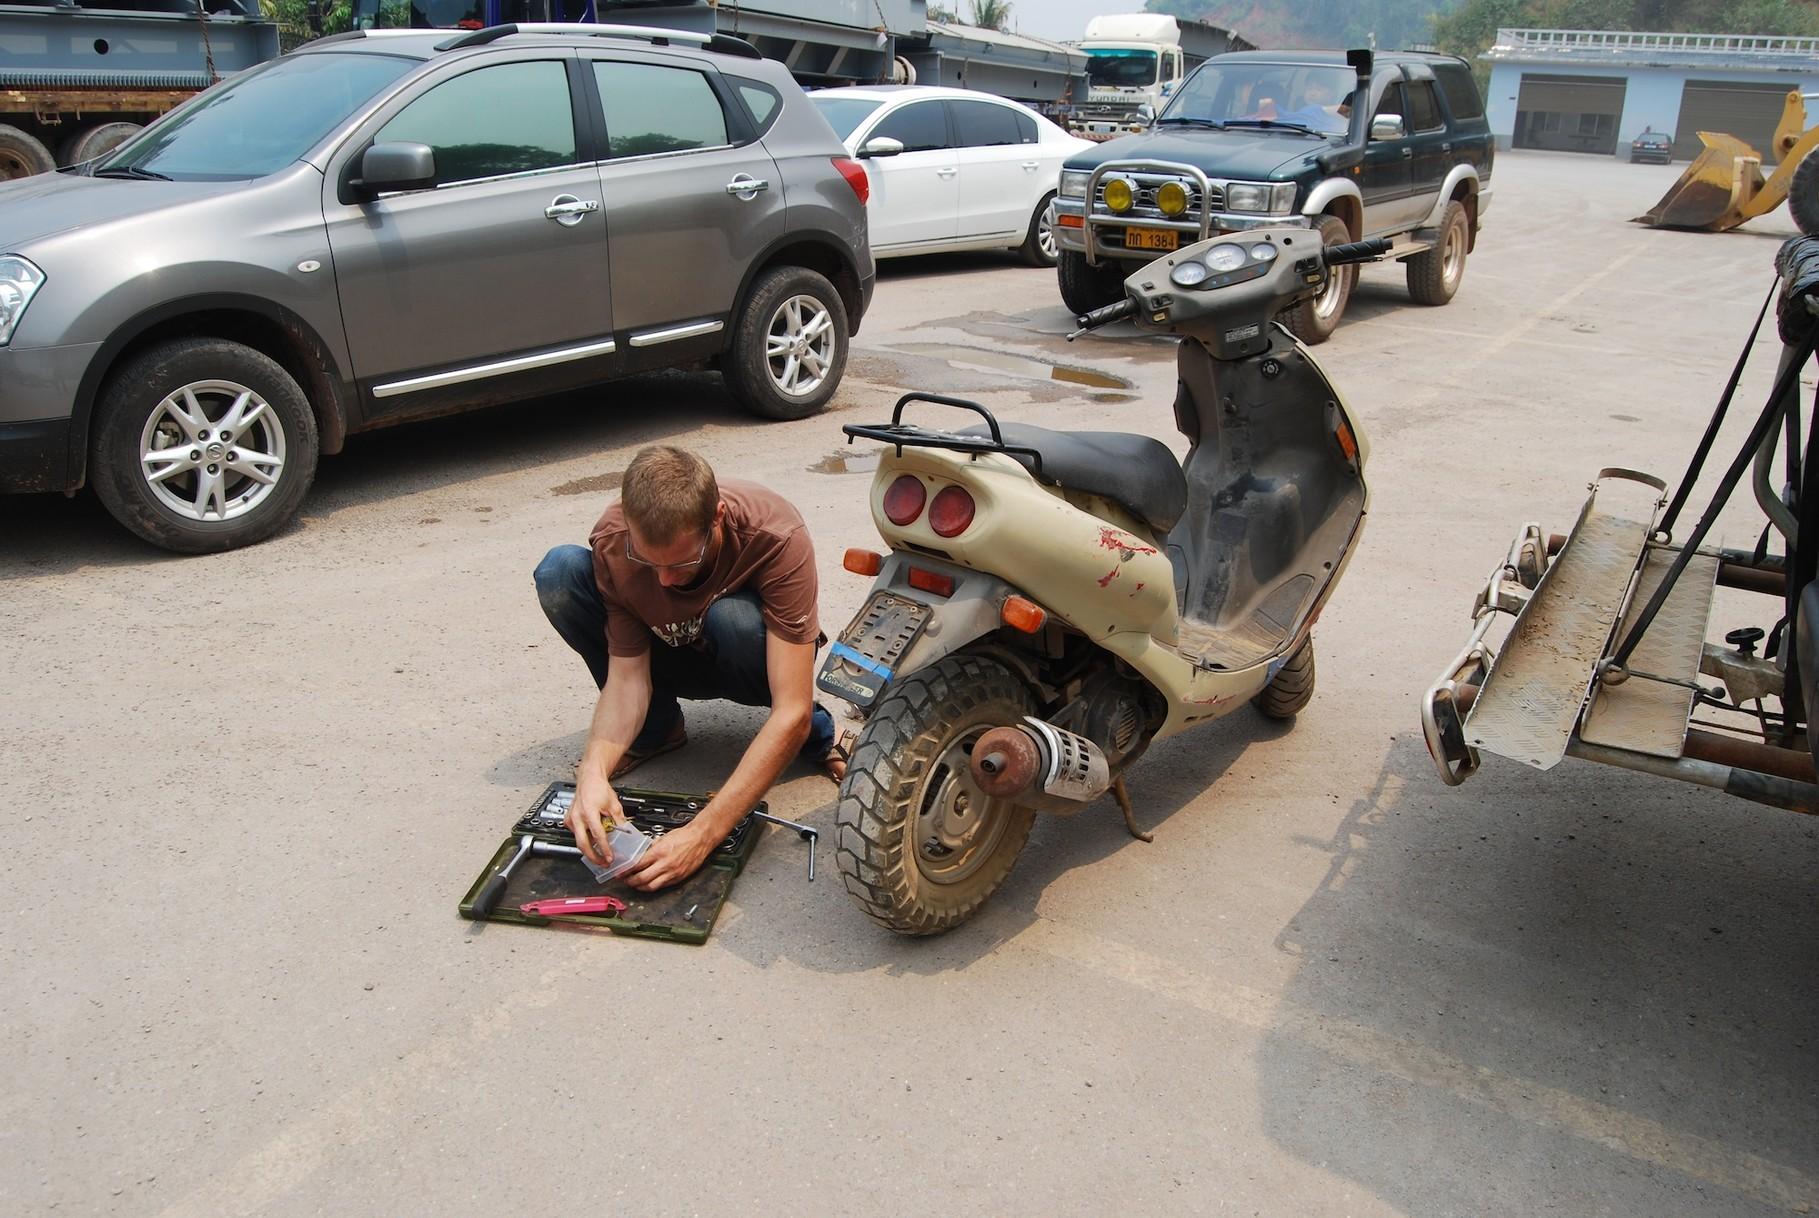 David beginnt ganz motiviert mit der Moped-Zerlegung